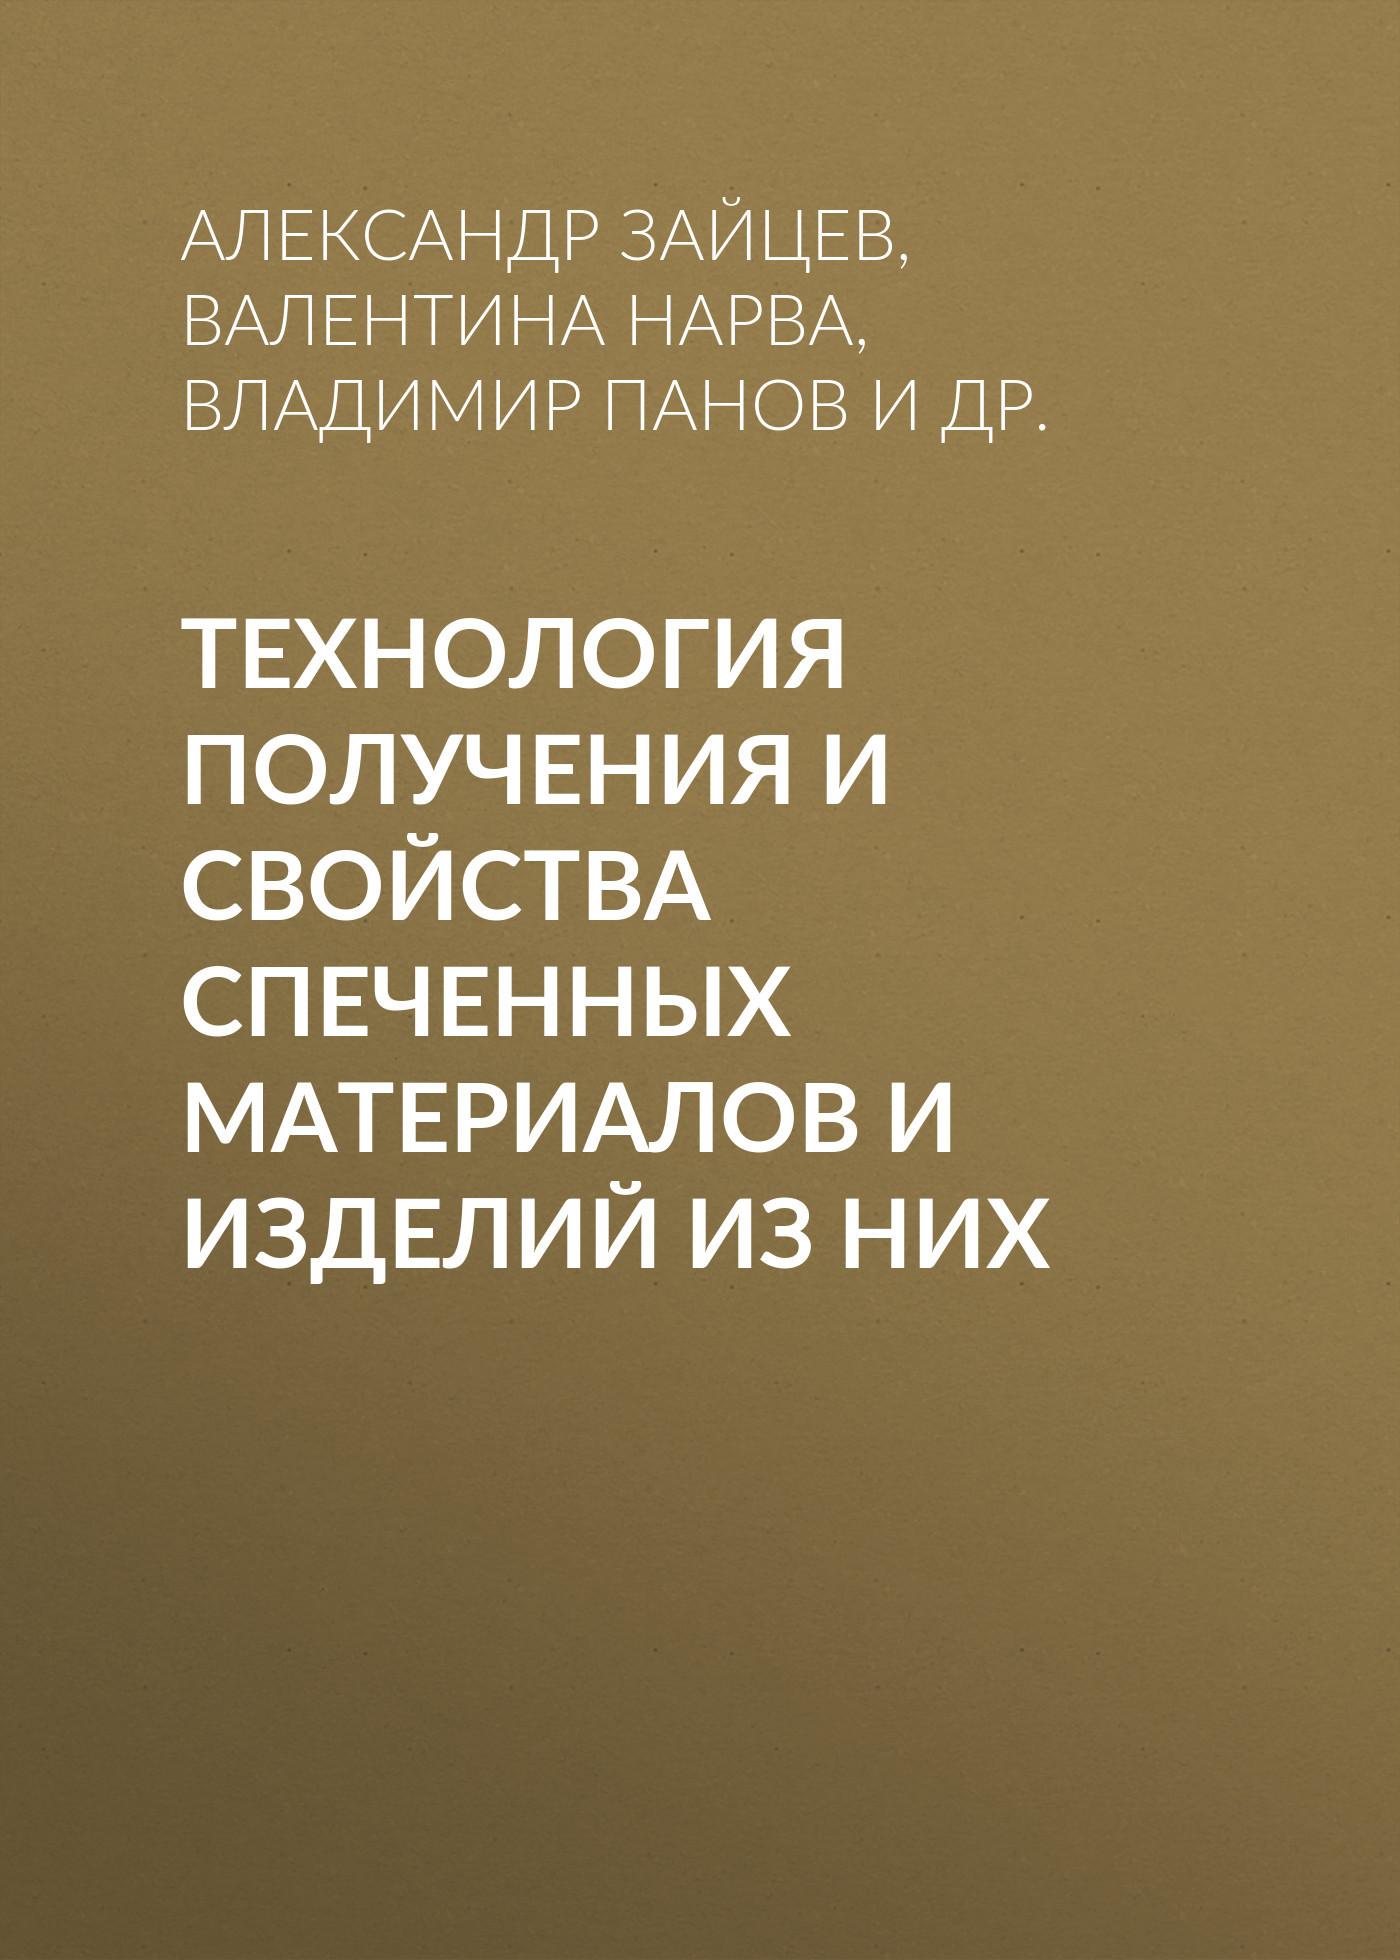 Александр Зайцев Технология получения и свойства спеченных материалов и изделий из них лабораторный набор по сопротивлению материалов